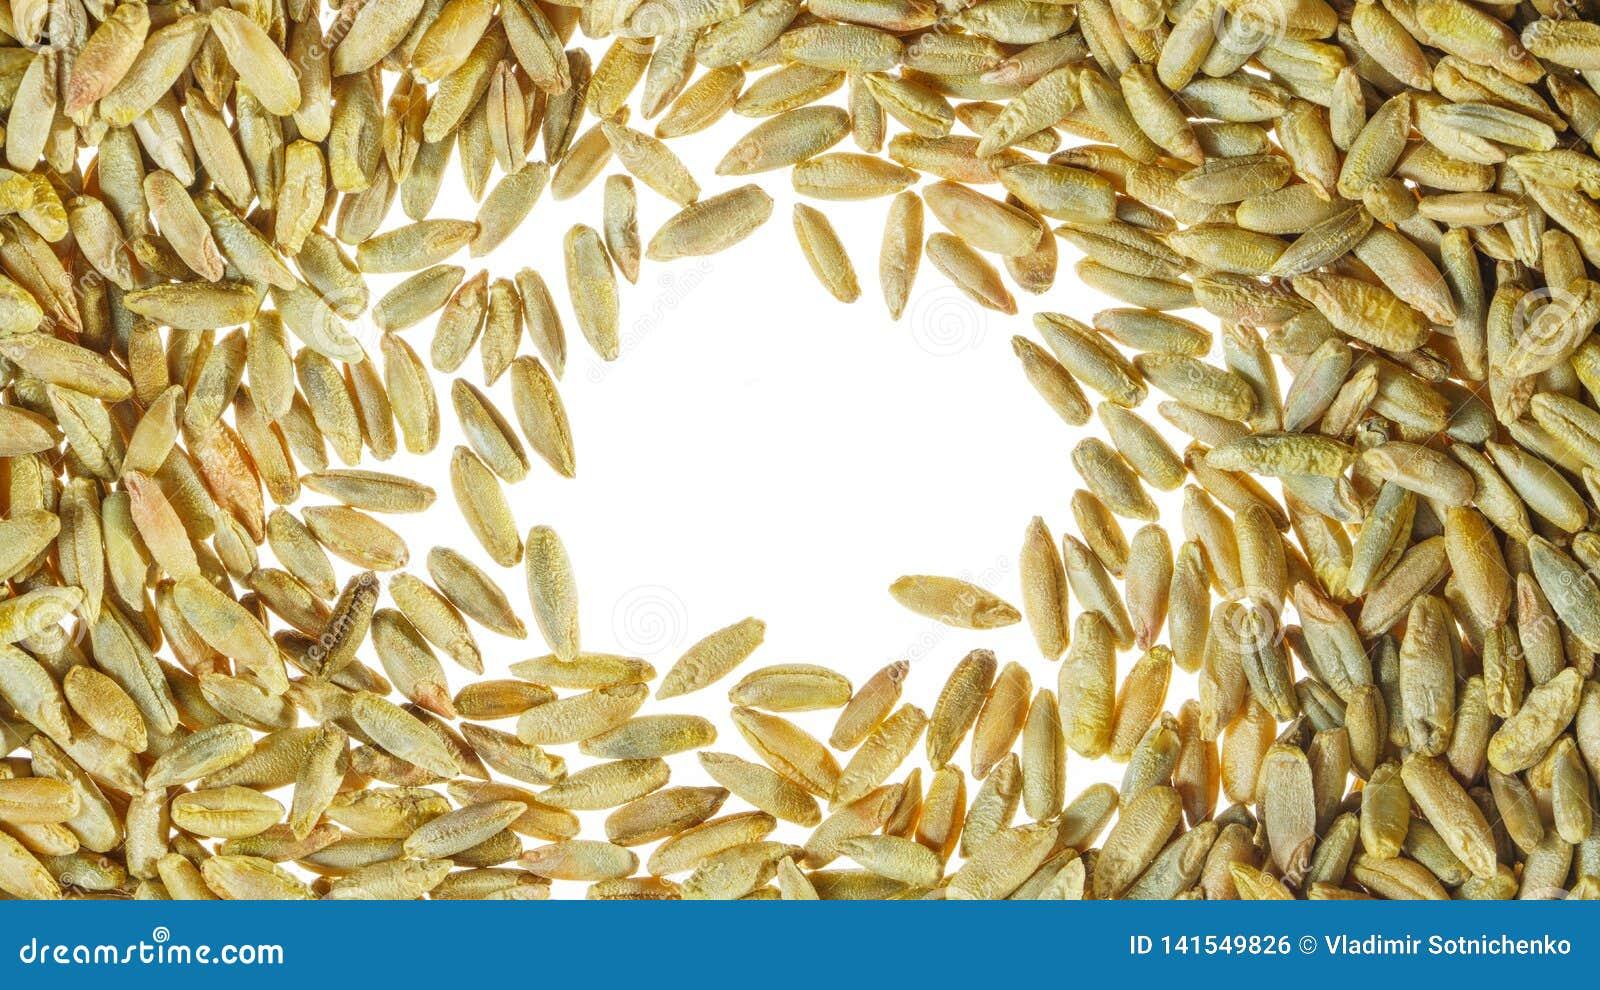 Белый фон с зерном пшеницы